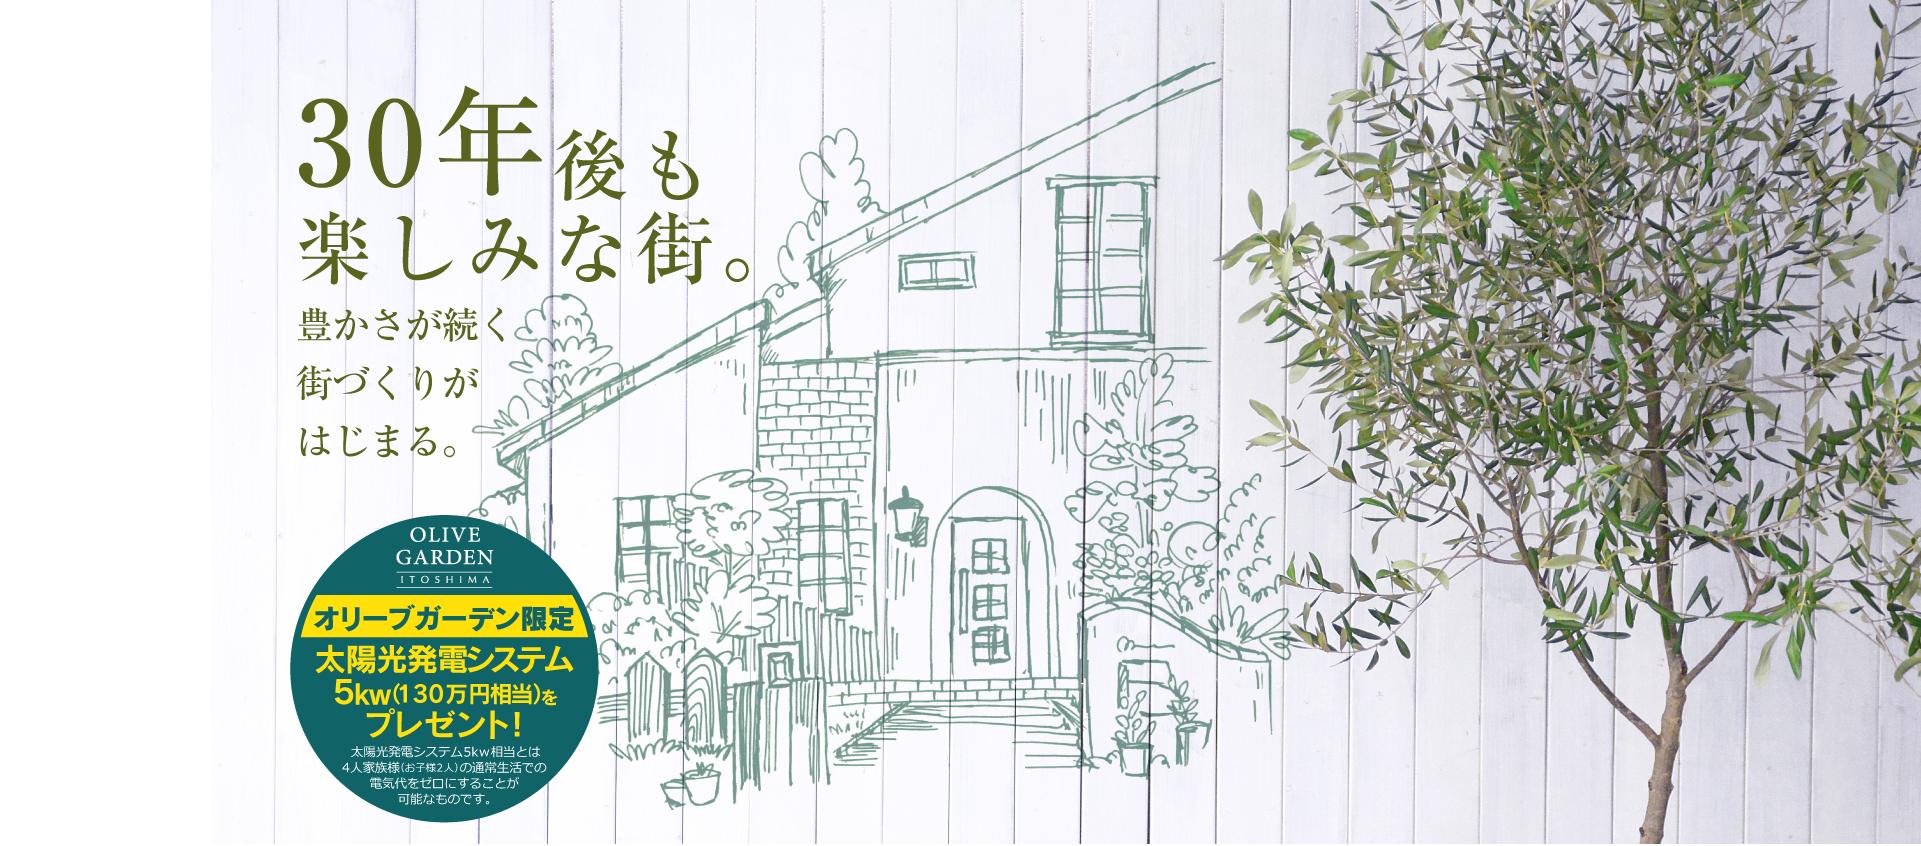 オリーブガーデン糸島 30年後も楽しみな街。豊かさが続く街づくりが始まる。